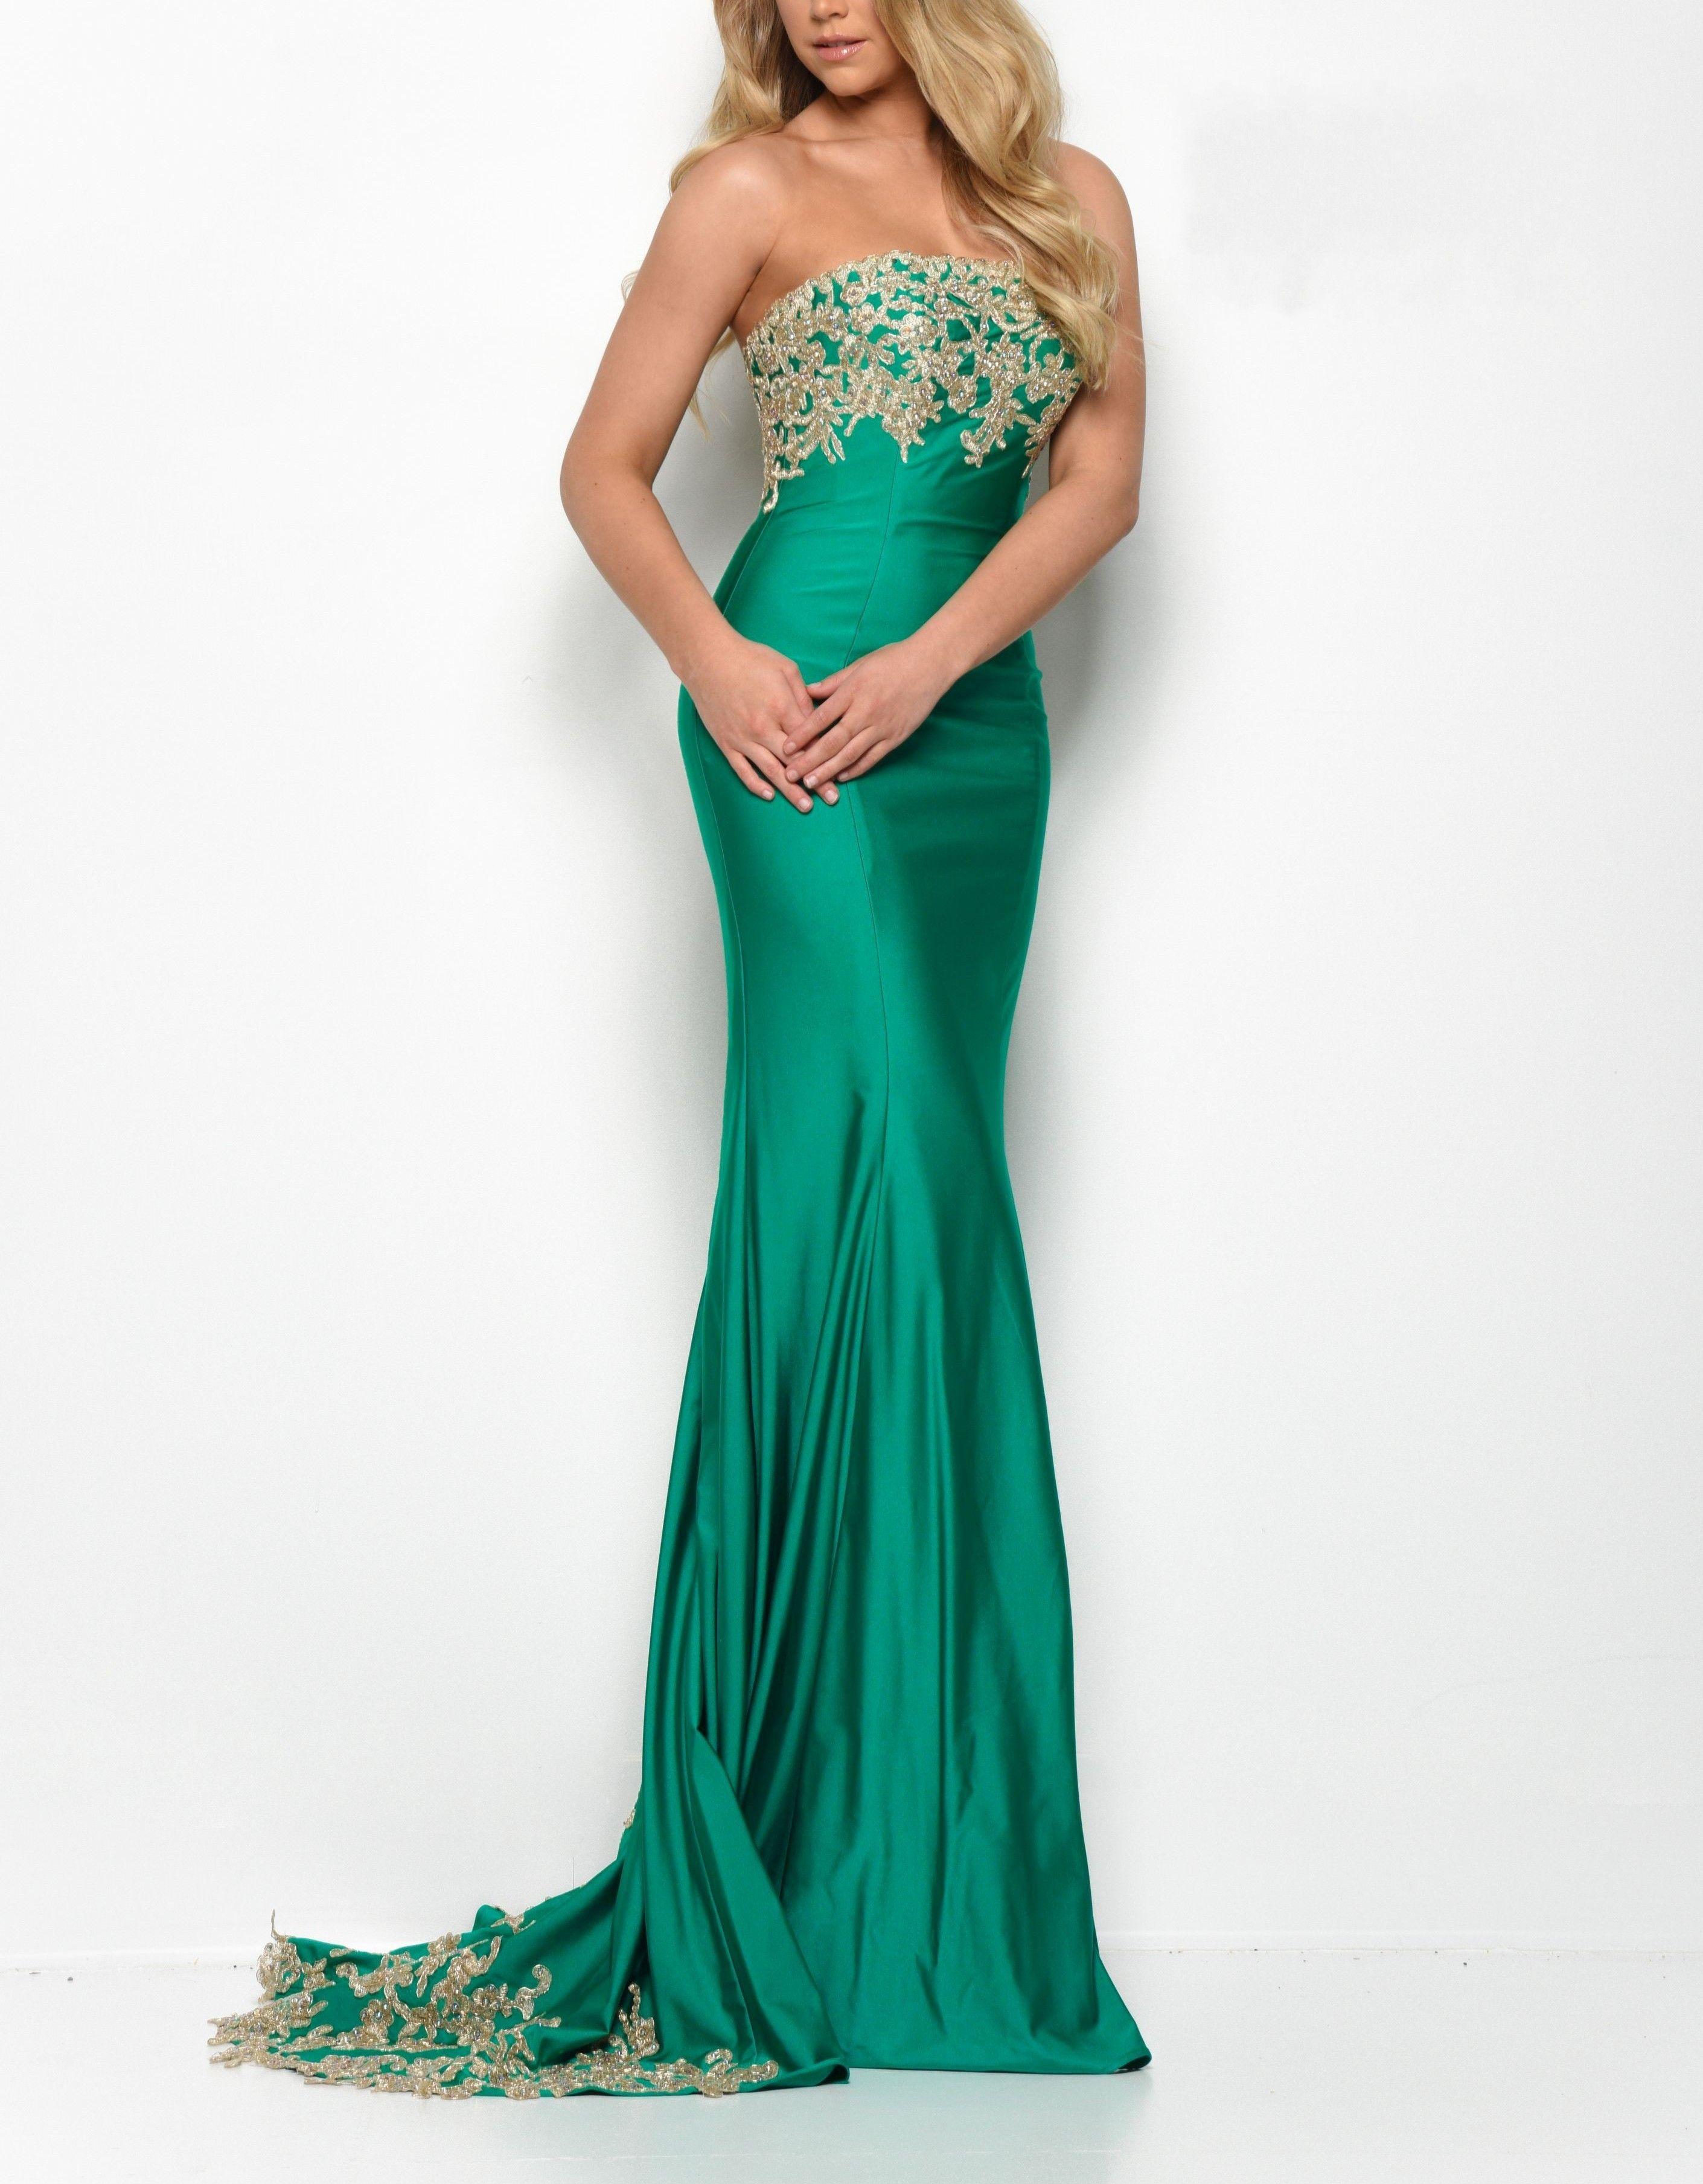 großhandel green gold lace trägerlos kleider abendgarderobe 2020 trompete  nixe abschlussball kleid abend elegante formaler kleid für besondere  anlässe